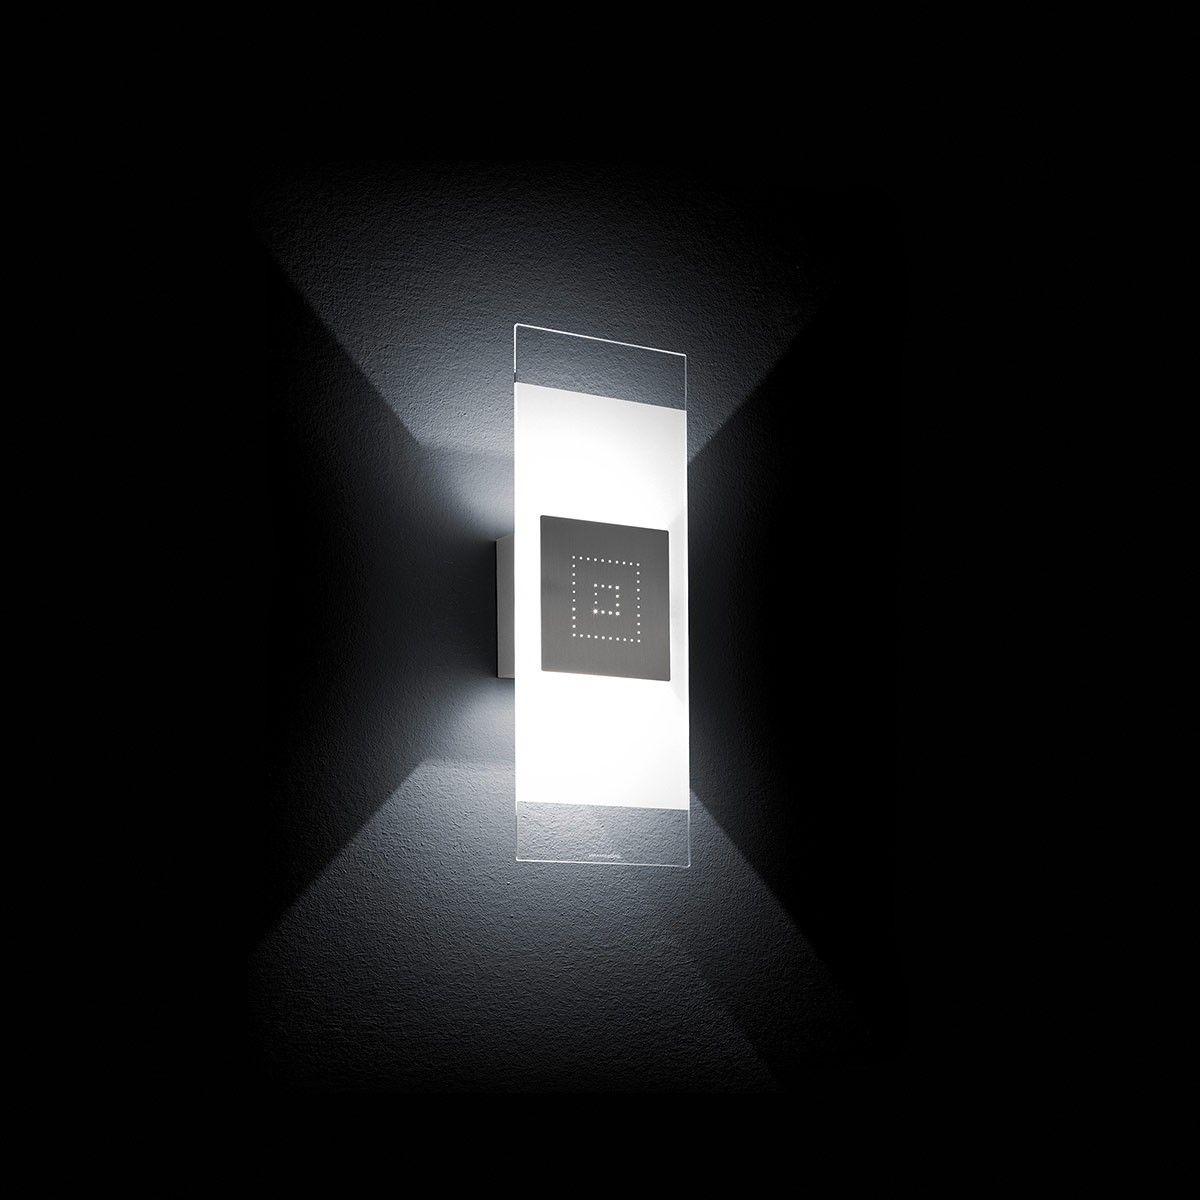 Wohnzimmerleuchten Moderne Badezimmer Lampe Led Deckenleuchte Rund Stoff 60 Cm Led Einbaustrahler Gu10 Einbautiefe Zoxx Decke Led Wand Led Einbaustrahler Und Led